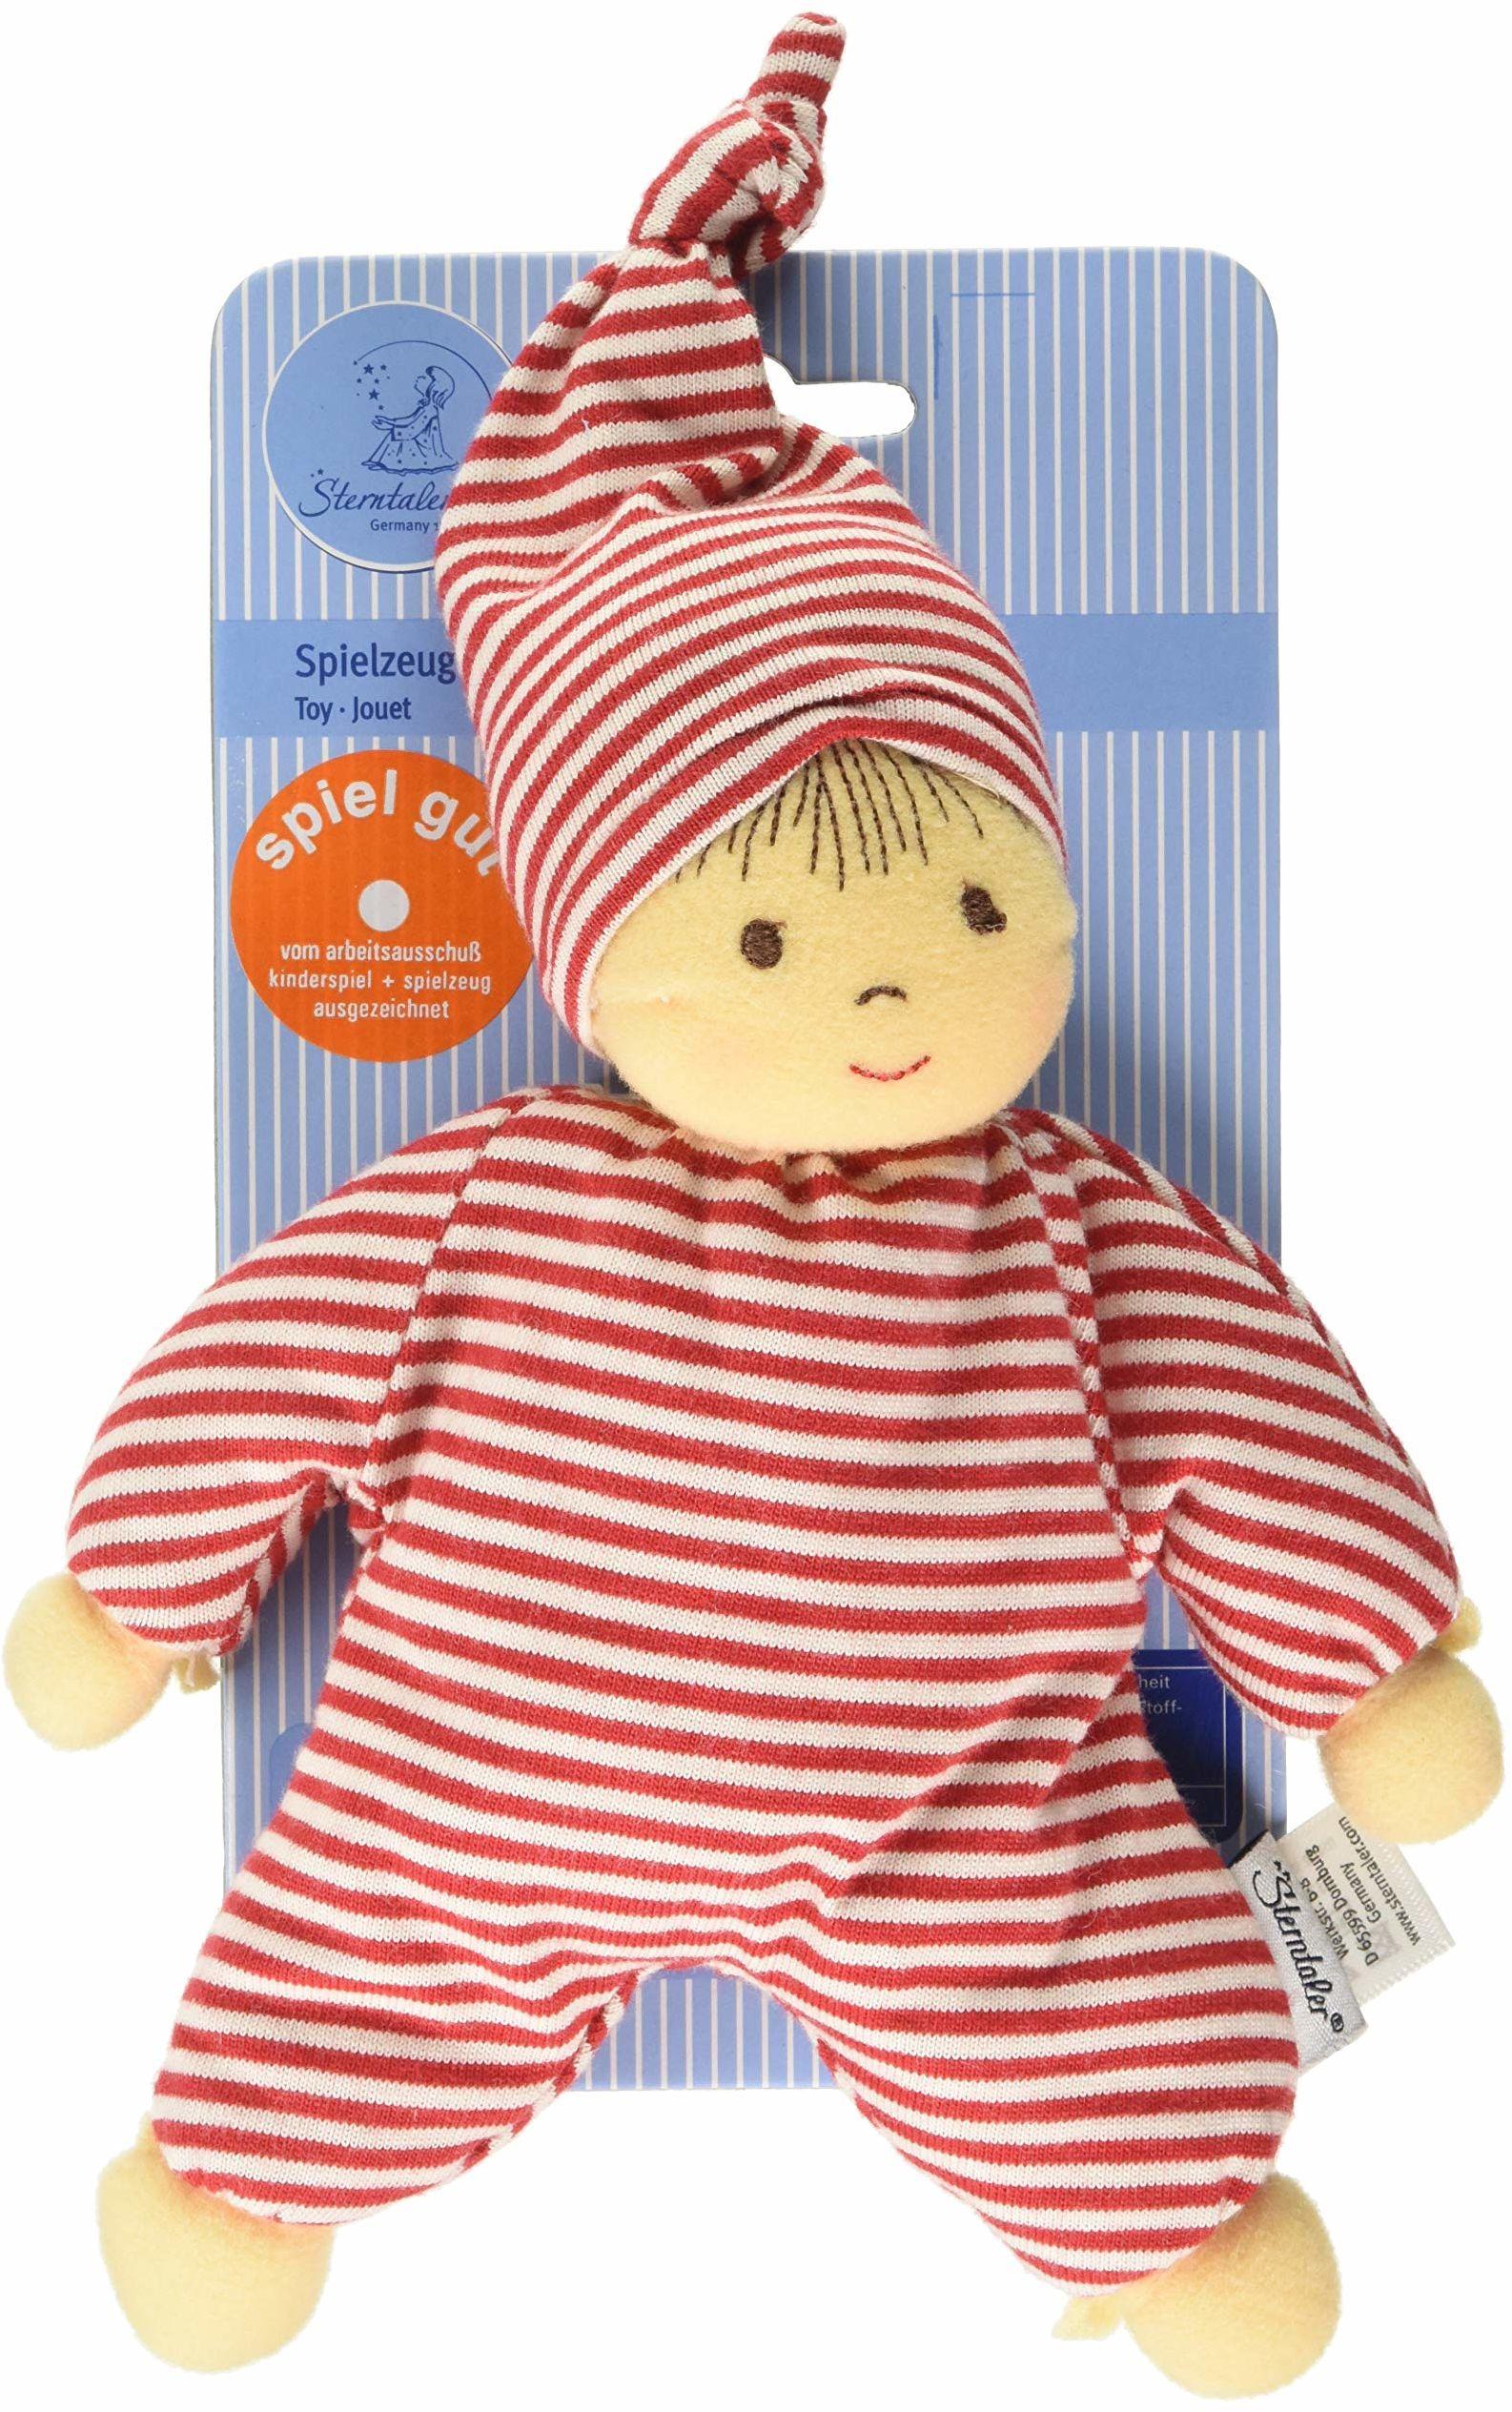 Sterntaler 3015034 lalka Heiko, zintegrowana grzechotka, wiek: dla dzieci od urodzenia, 23 cm, czerwony/biały